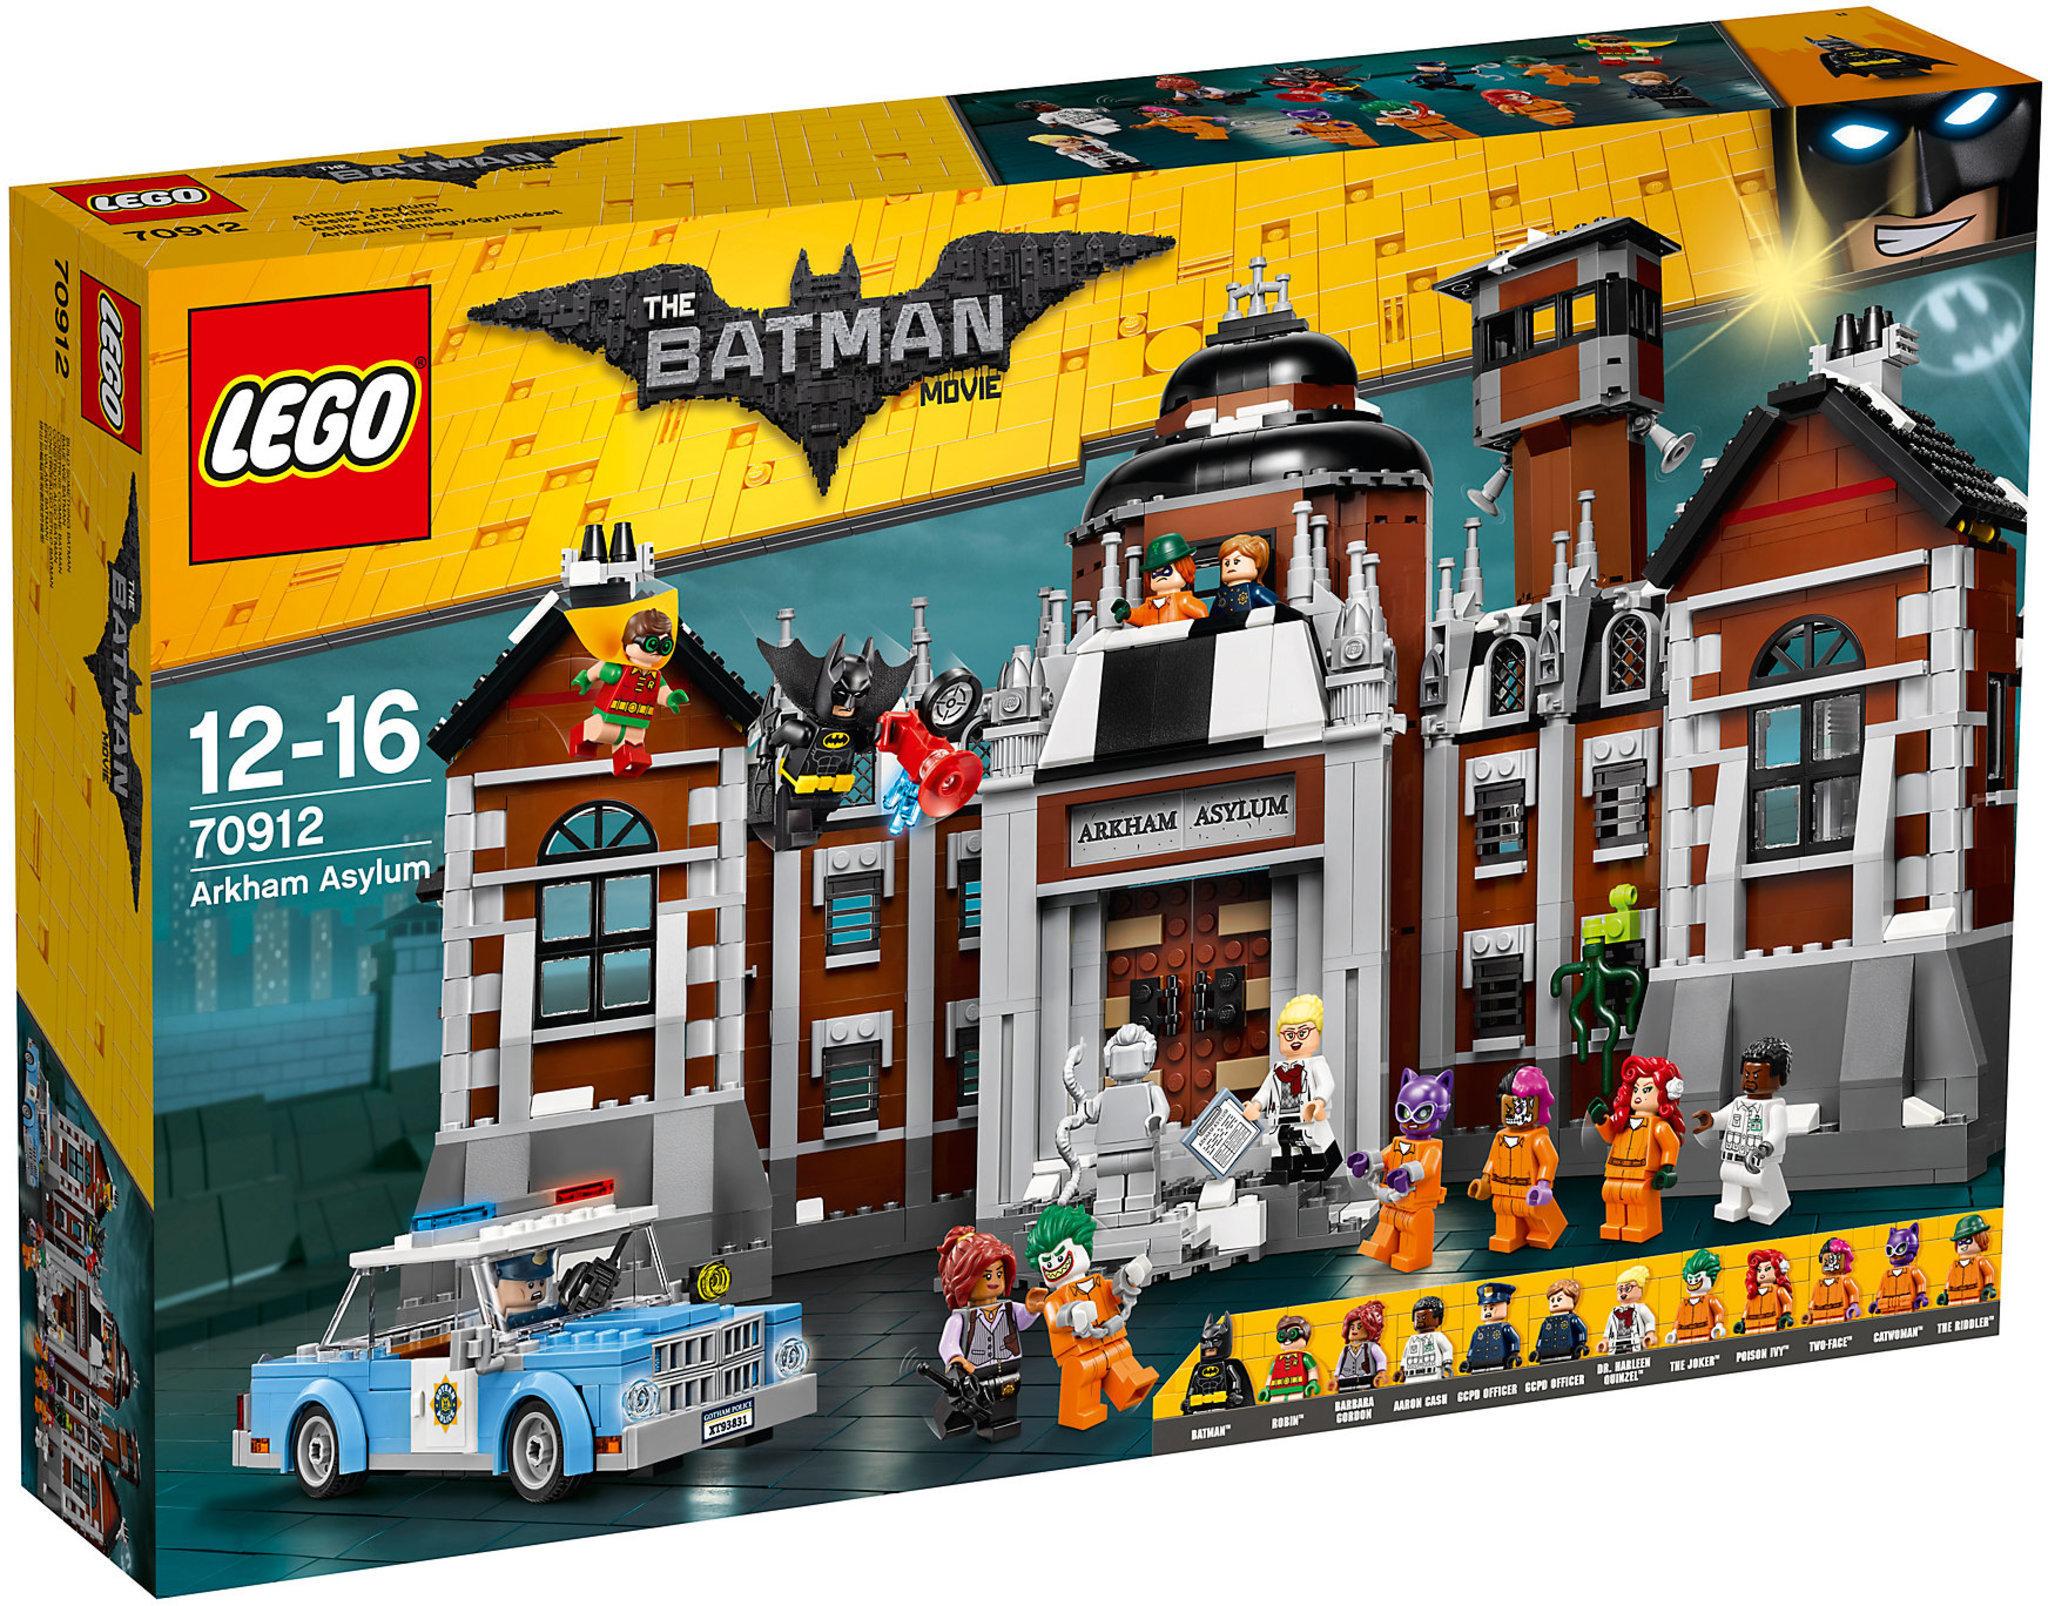 LEGO Duplo 1x Fahrgestell Fahrwerk f Auto Fahrzeug dunkel azur blau 11841c03